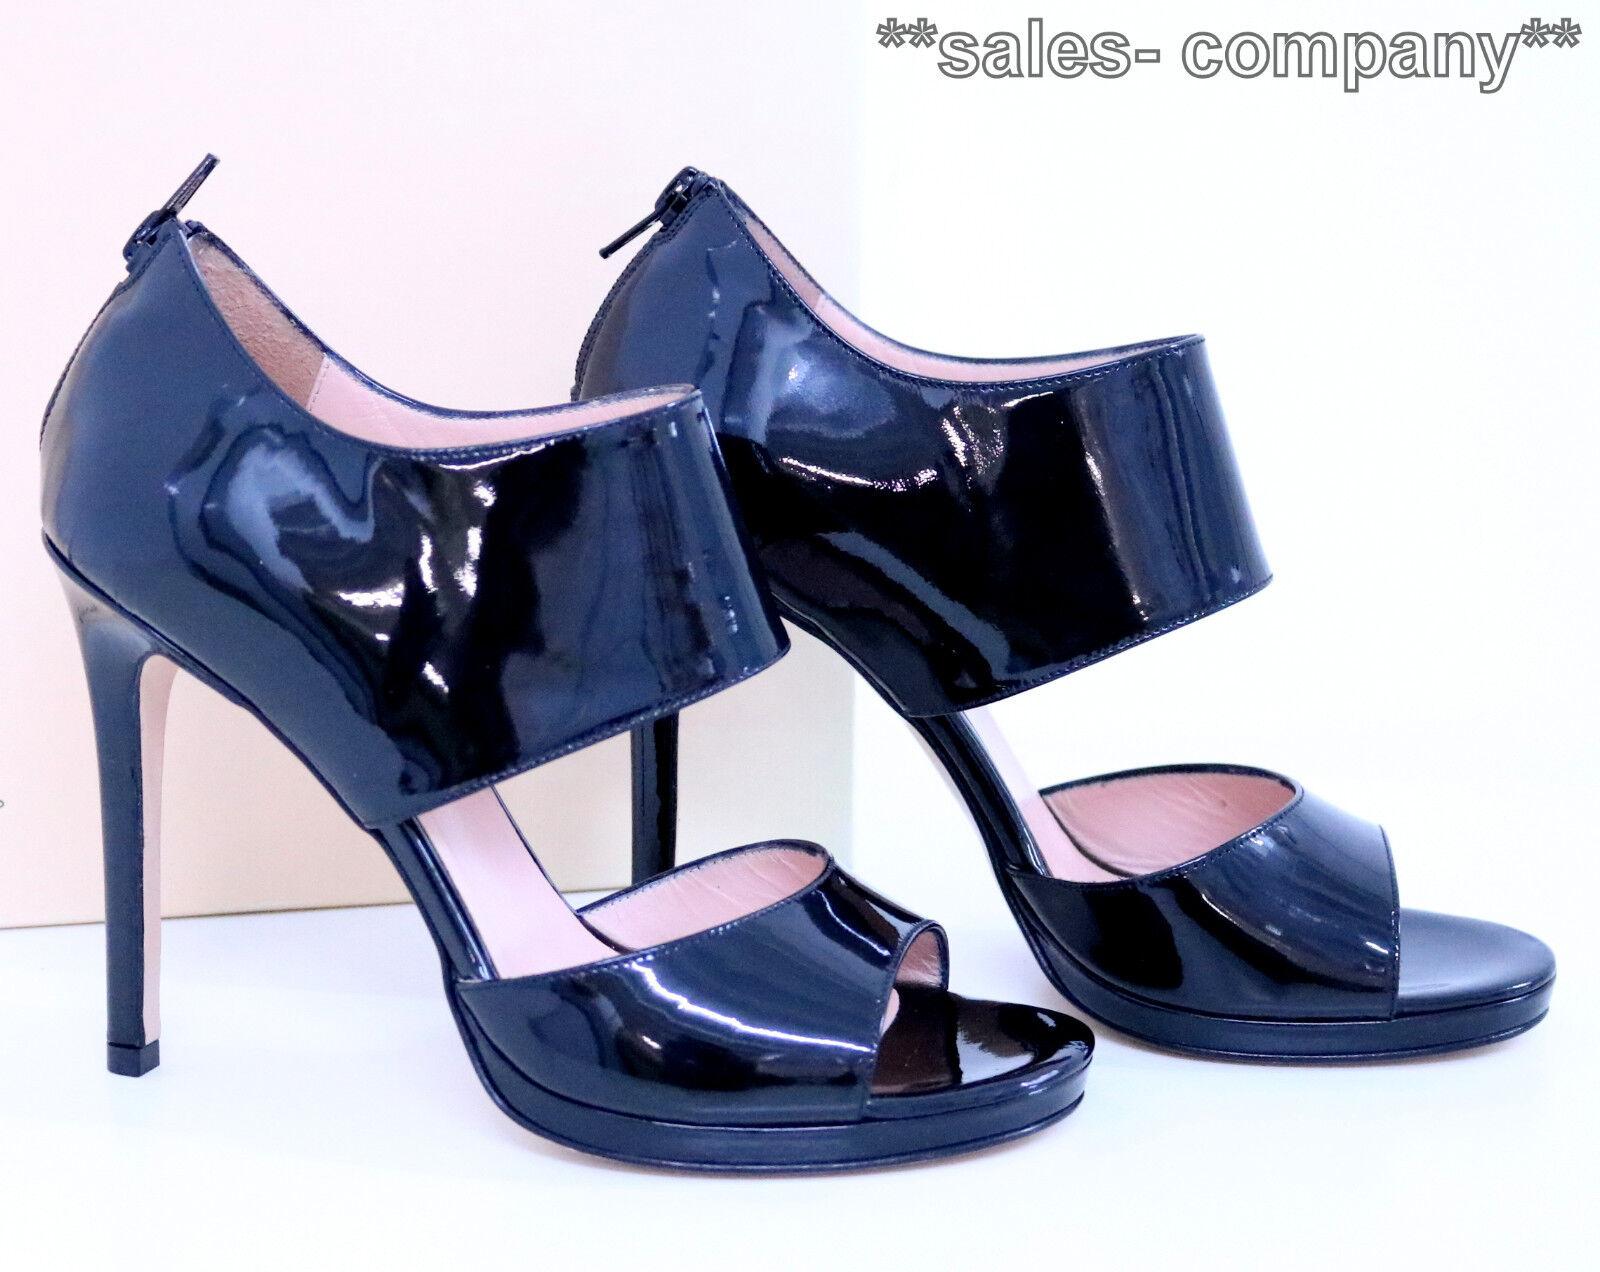 Anna F. Sandalette Lackleder Lack-Stilettos Gr.38 Schwarz Lackleder Sandalette Neu+OVP LP ec5467